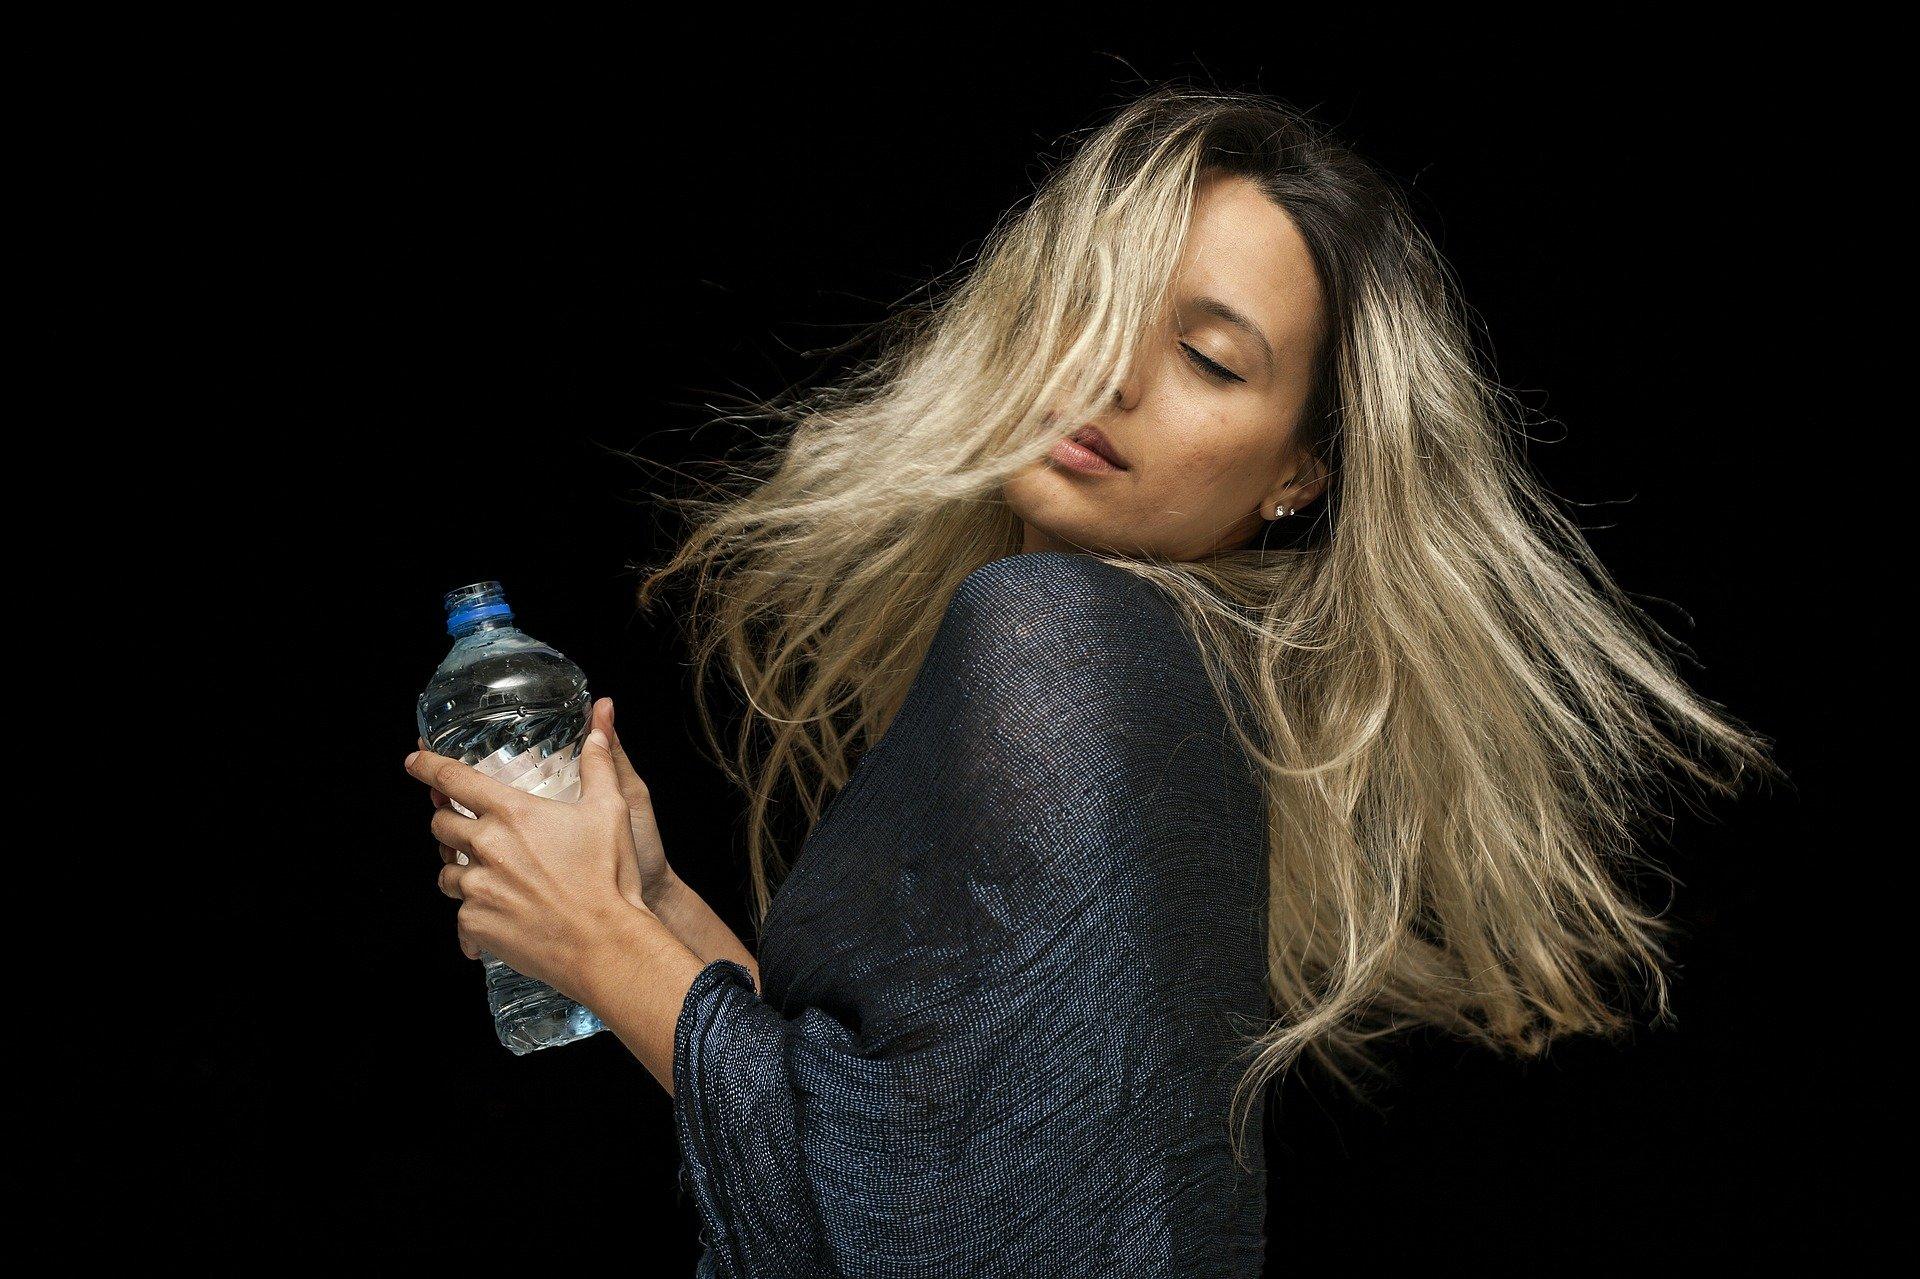 femme avec une bouteille d'eau